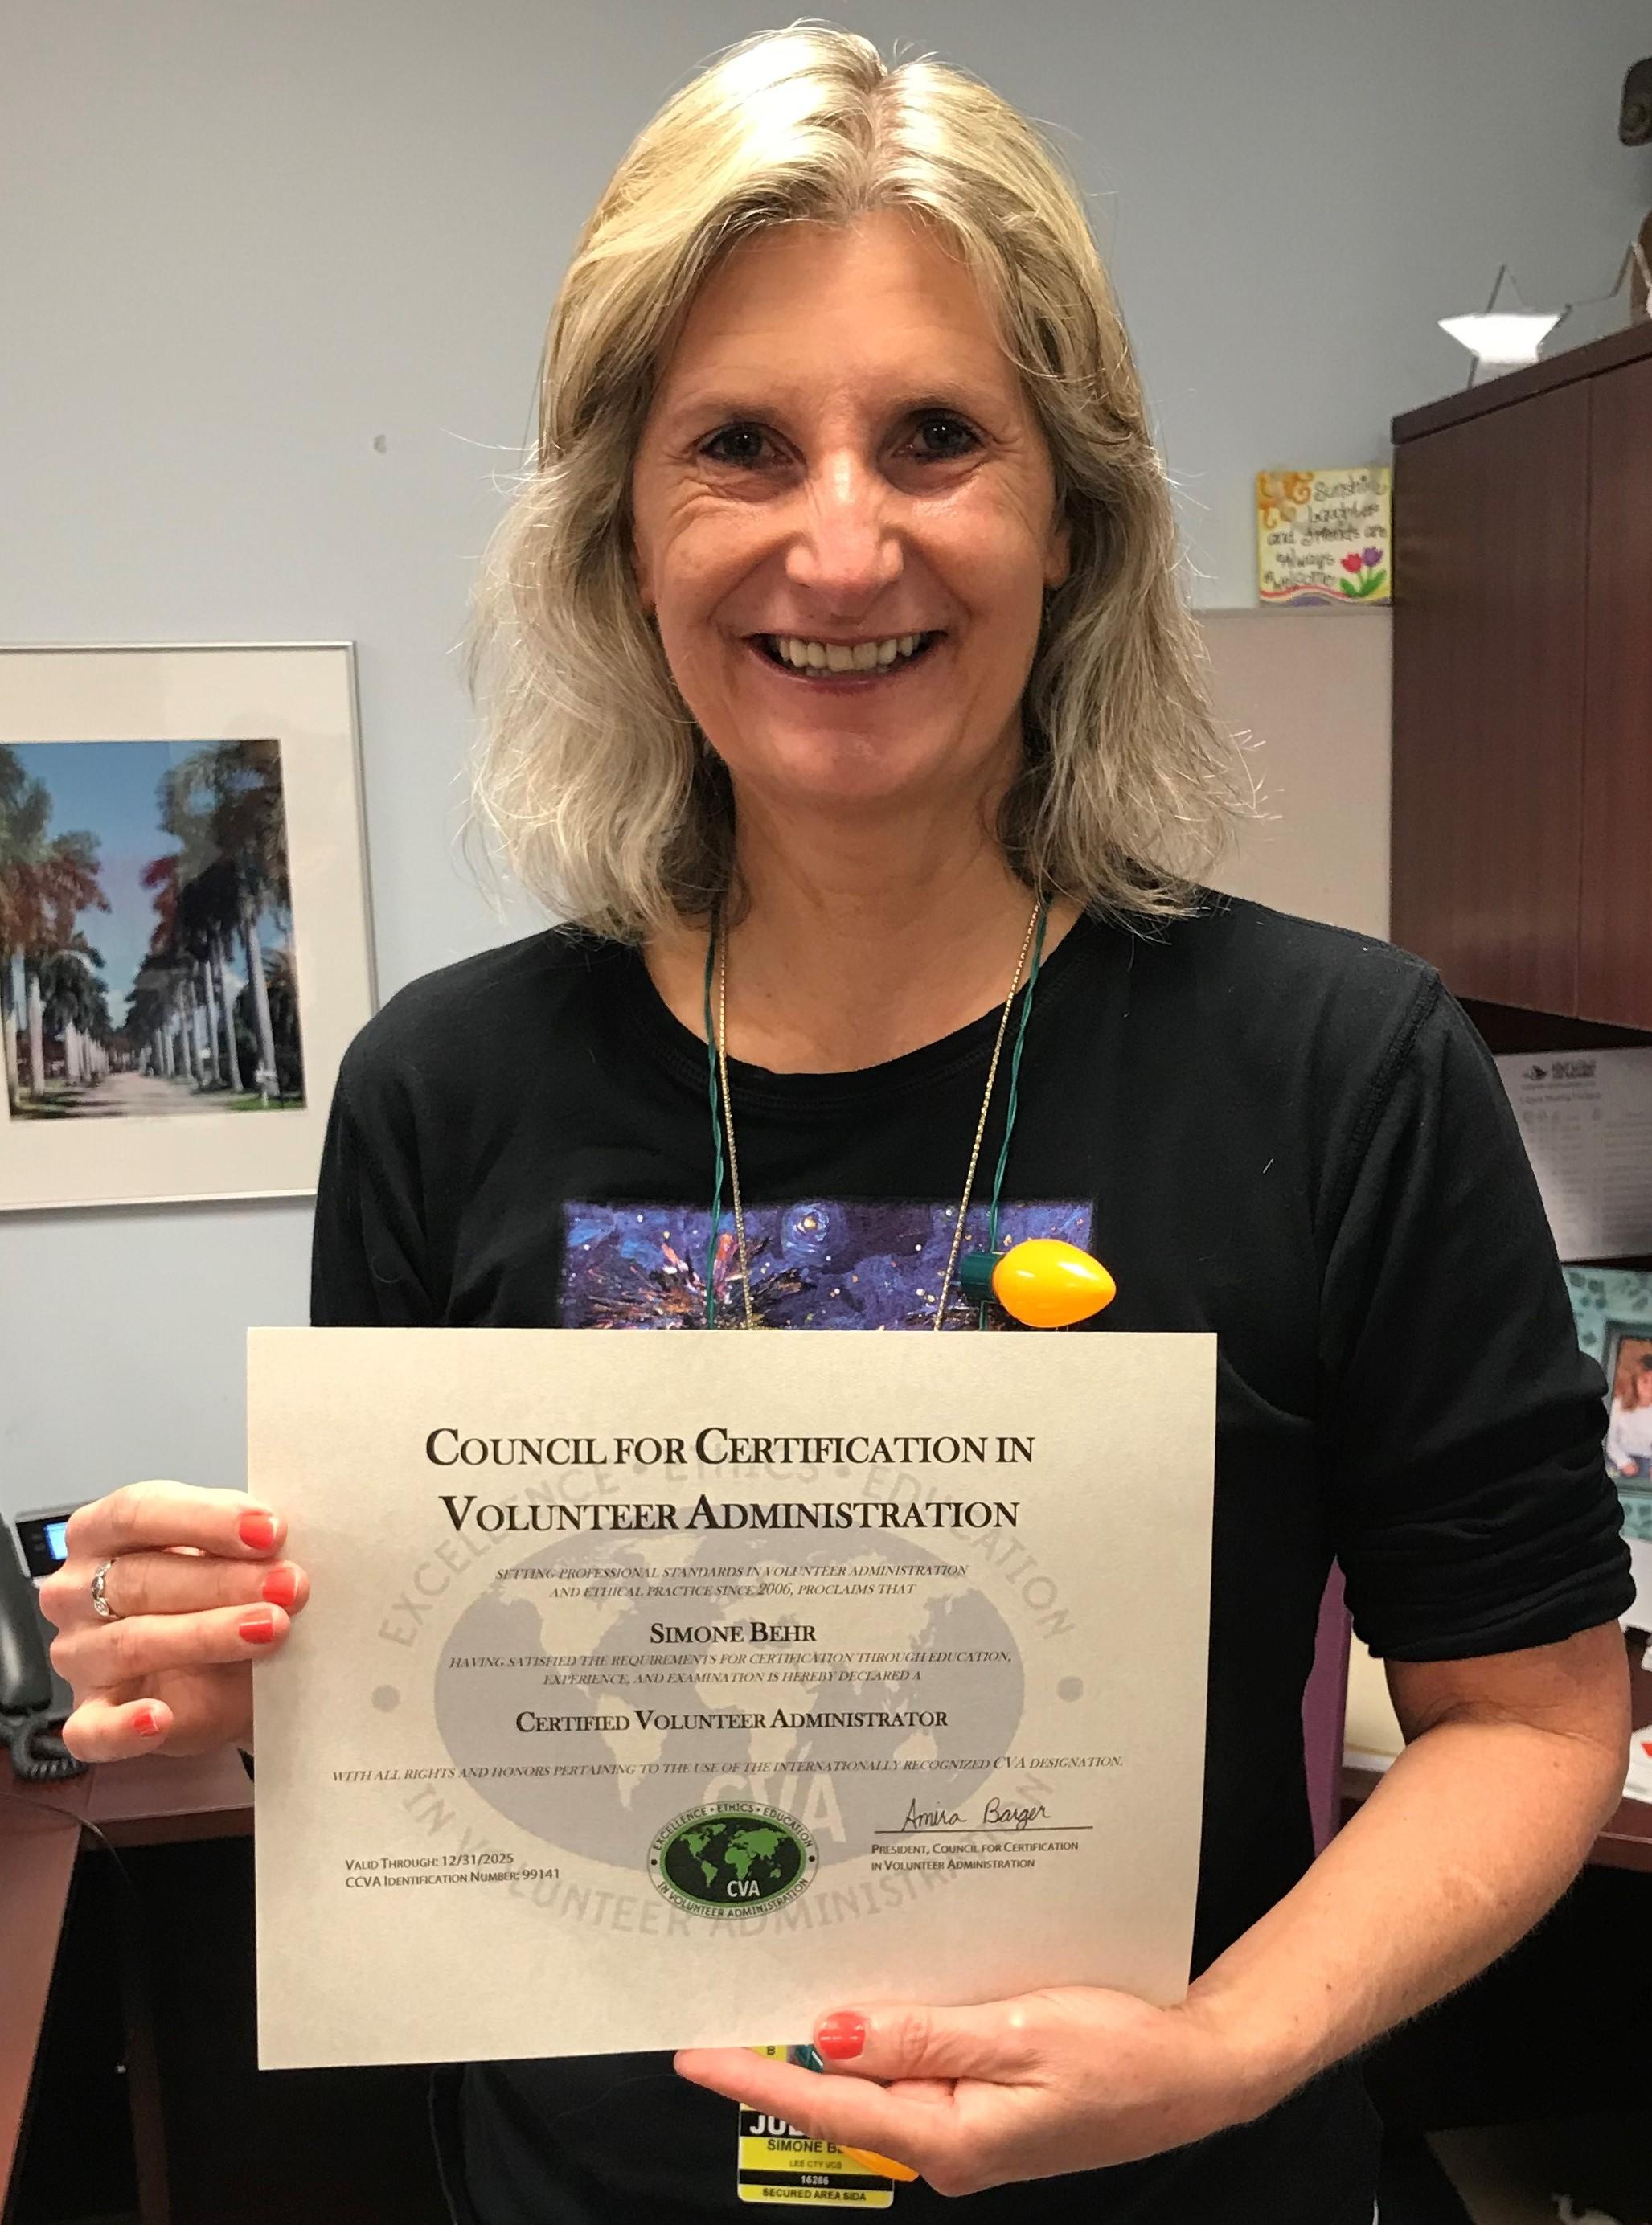 Simone Behr passes CVA credentialing